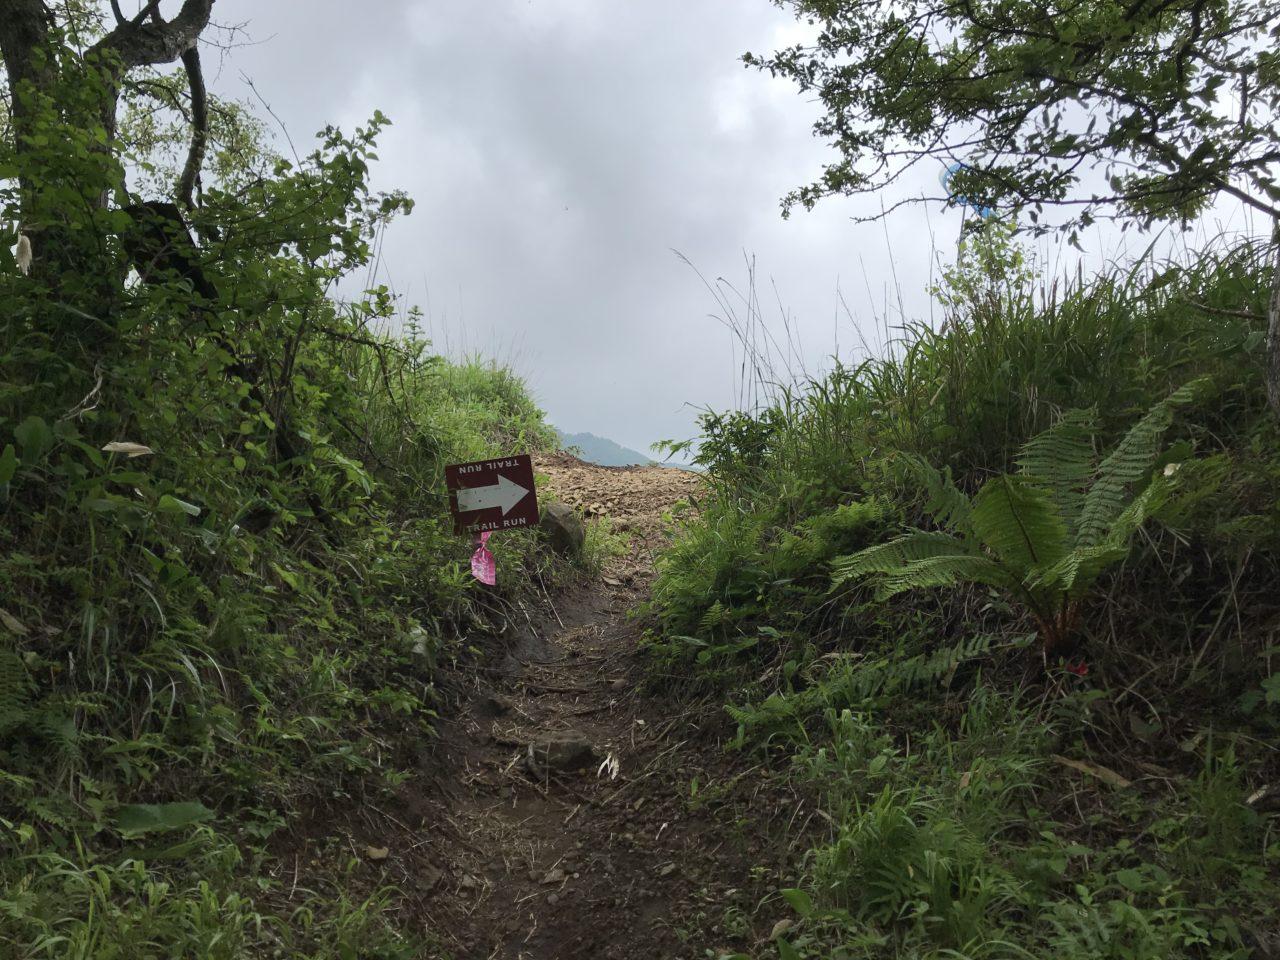 美ヶ原トレイルラン コースマーキング